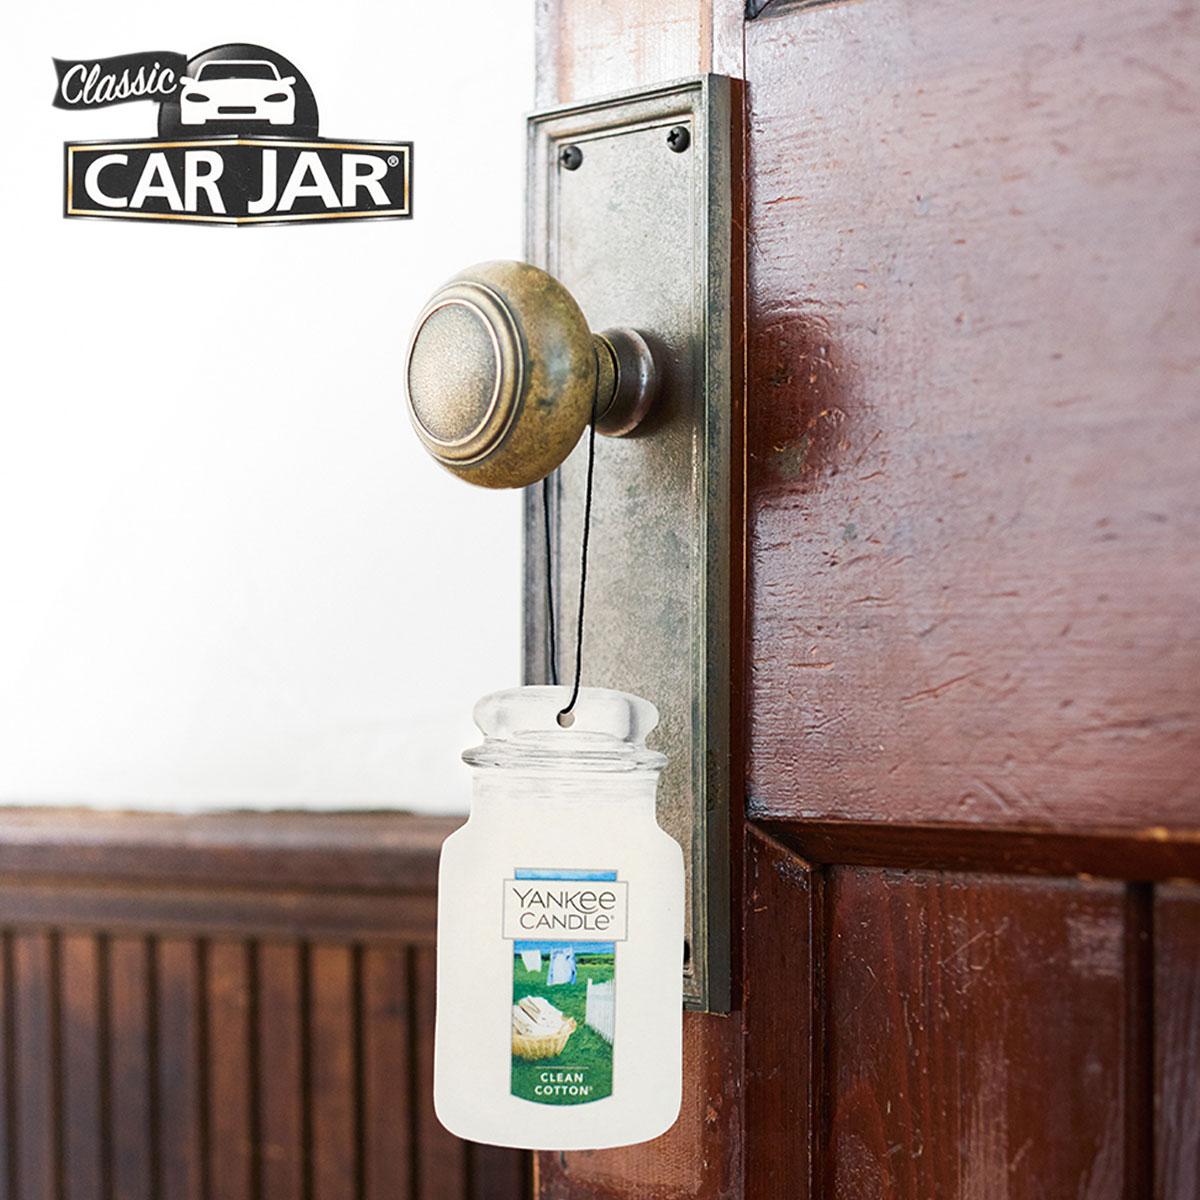 ヤンキーキャンドル フレグランス 正規販売店 YANKEE CANDLE 車用芳香剤 エアーフレッシュナー YCカージャー ボーナスパック 3PACK レモンラベンダー K3180530 A49B B3C C3D D0E E00F